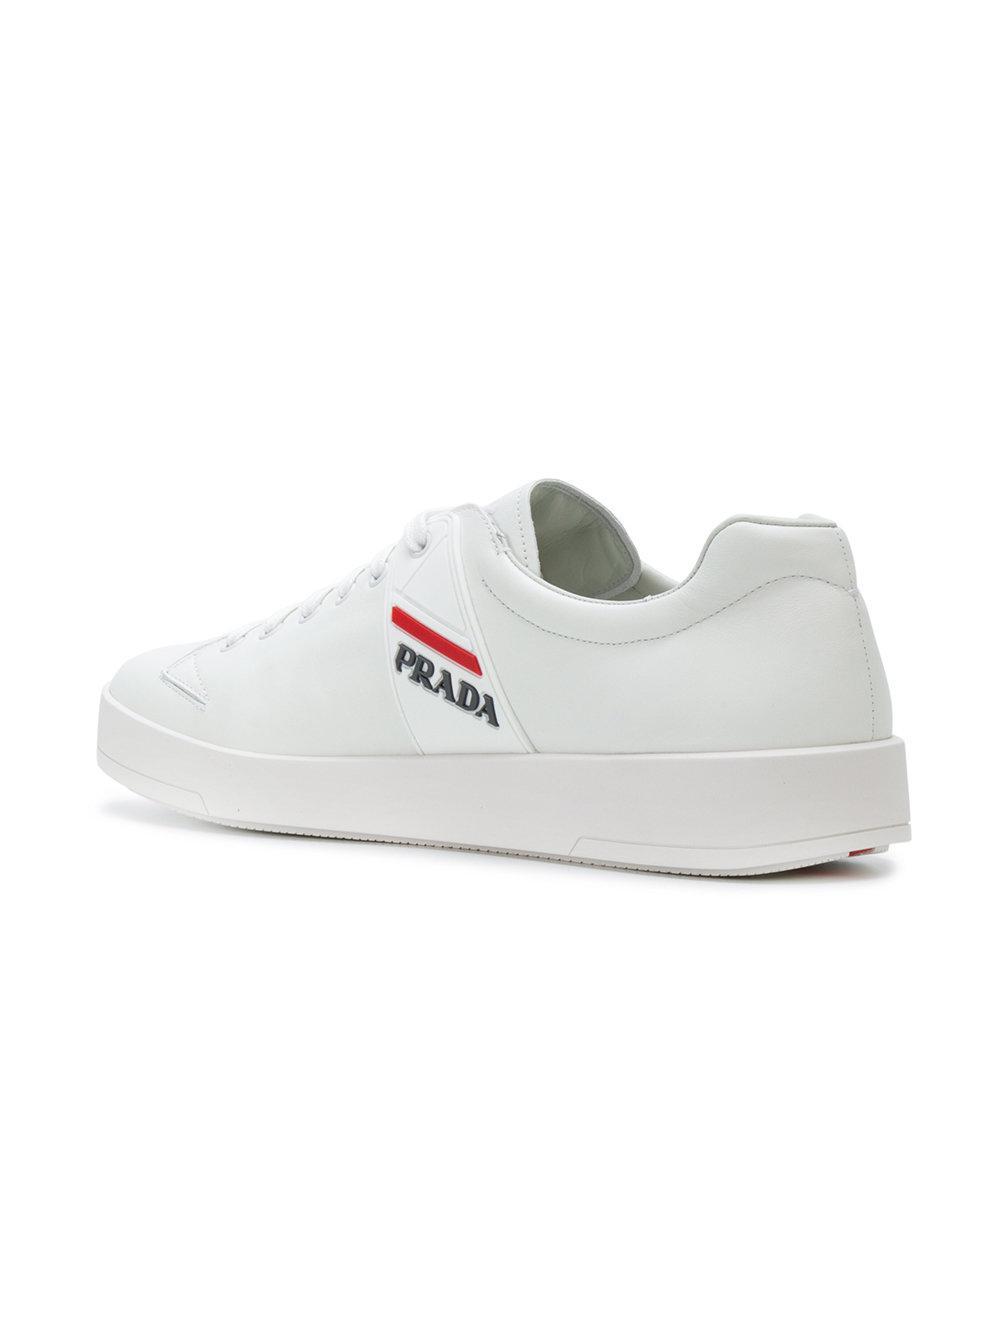 Zapatillas con cordones y panel del logo Prada de Cuero de color Blanco para hombre